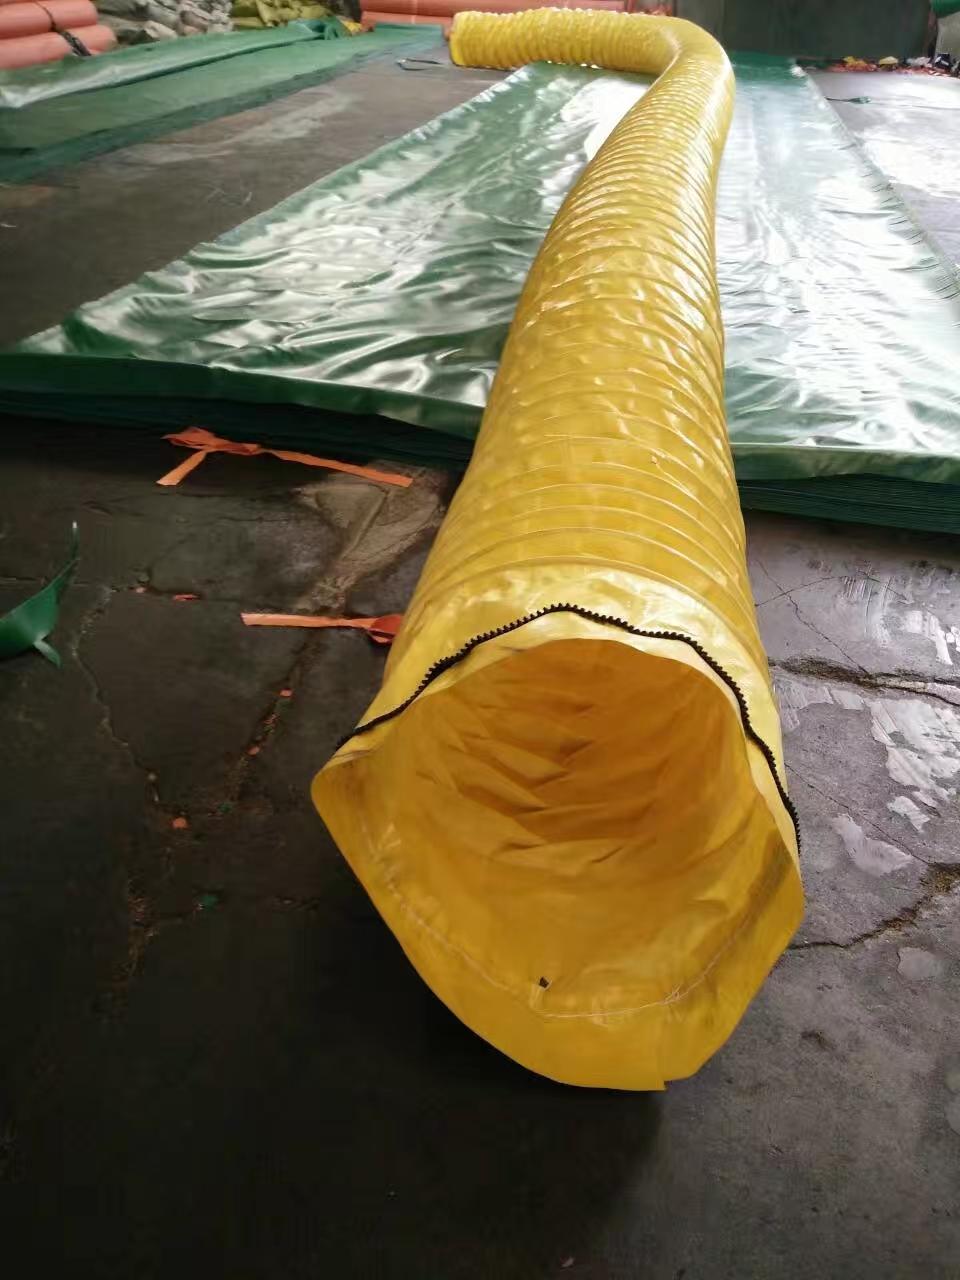 哪里有伸缩风筒销售厂家 钢丝风筒布汉鼎牌量大从优 售后服务完善